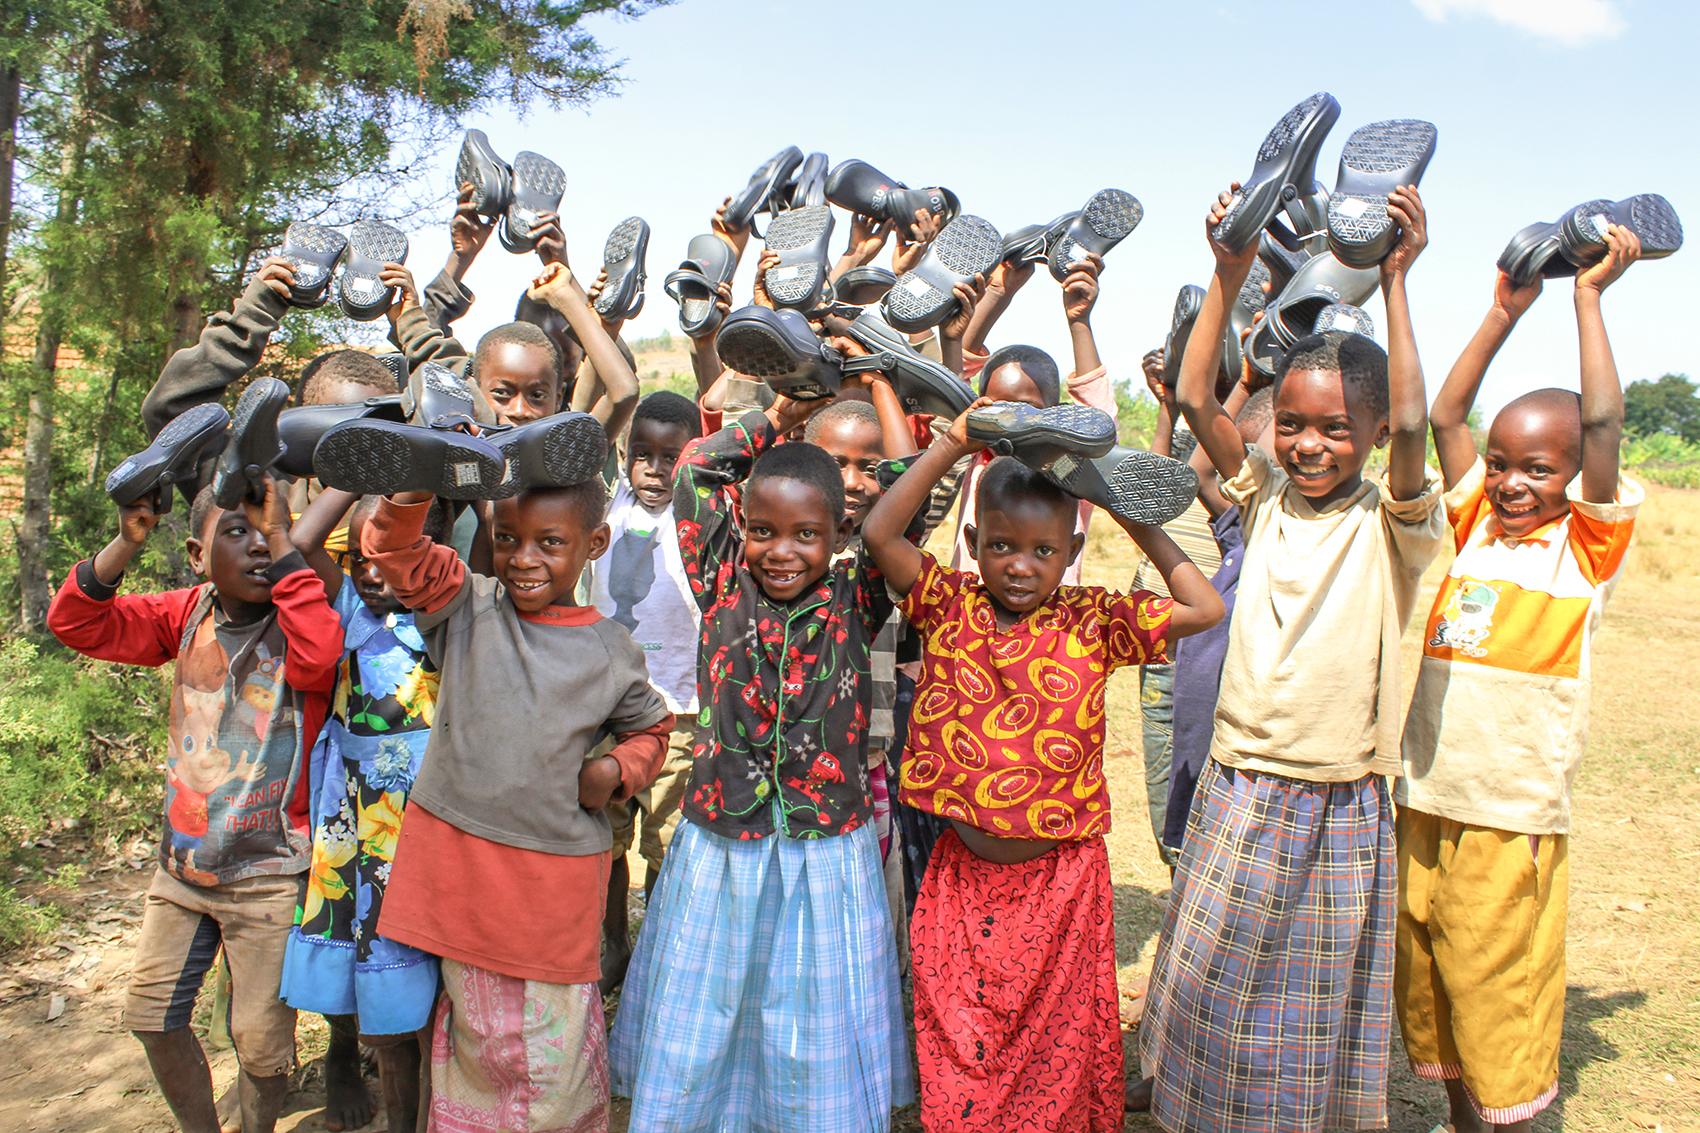 Burundi 2_72dpi.jpg